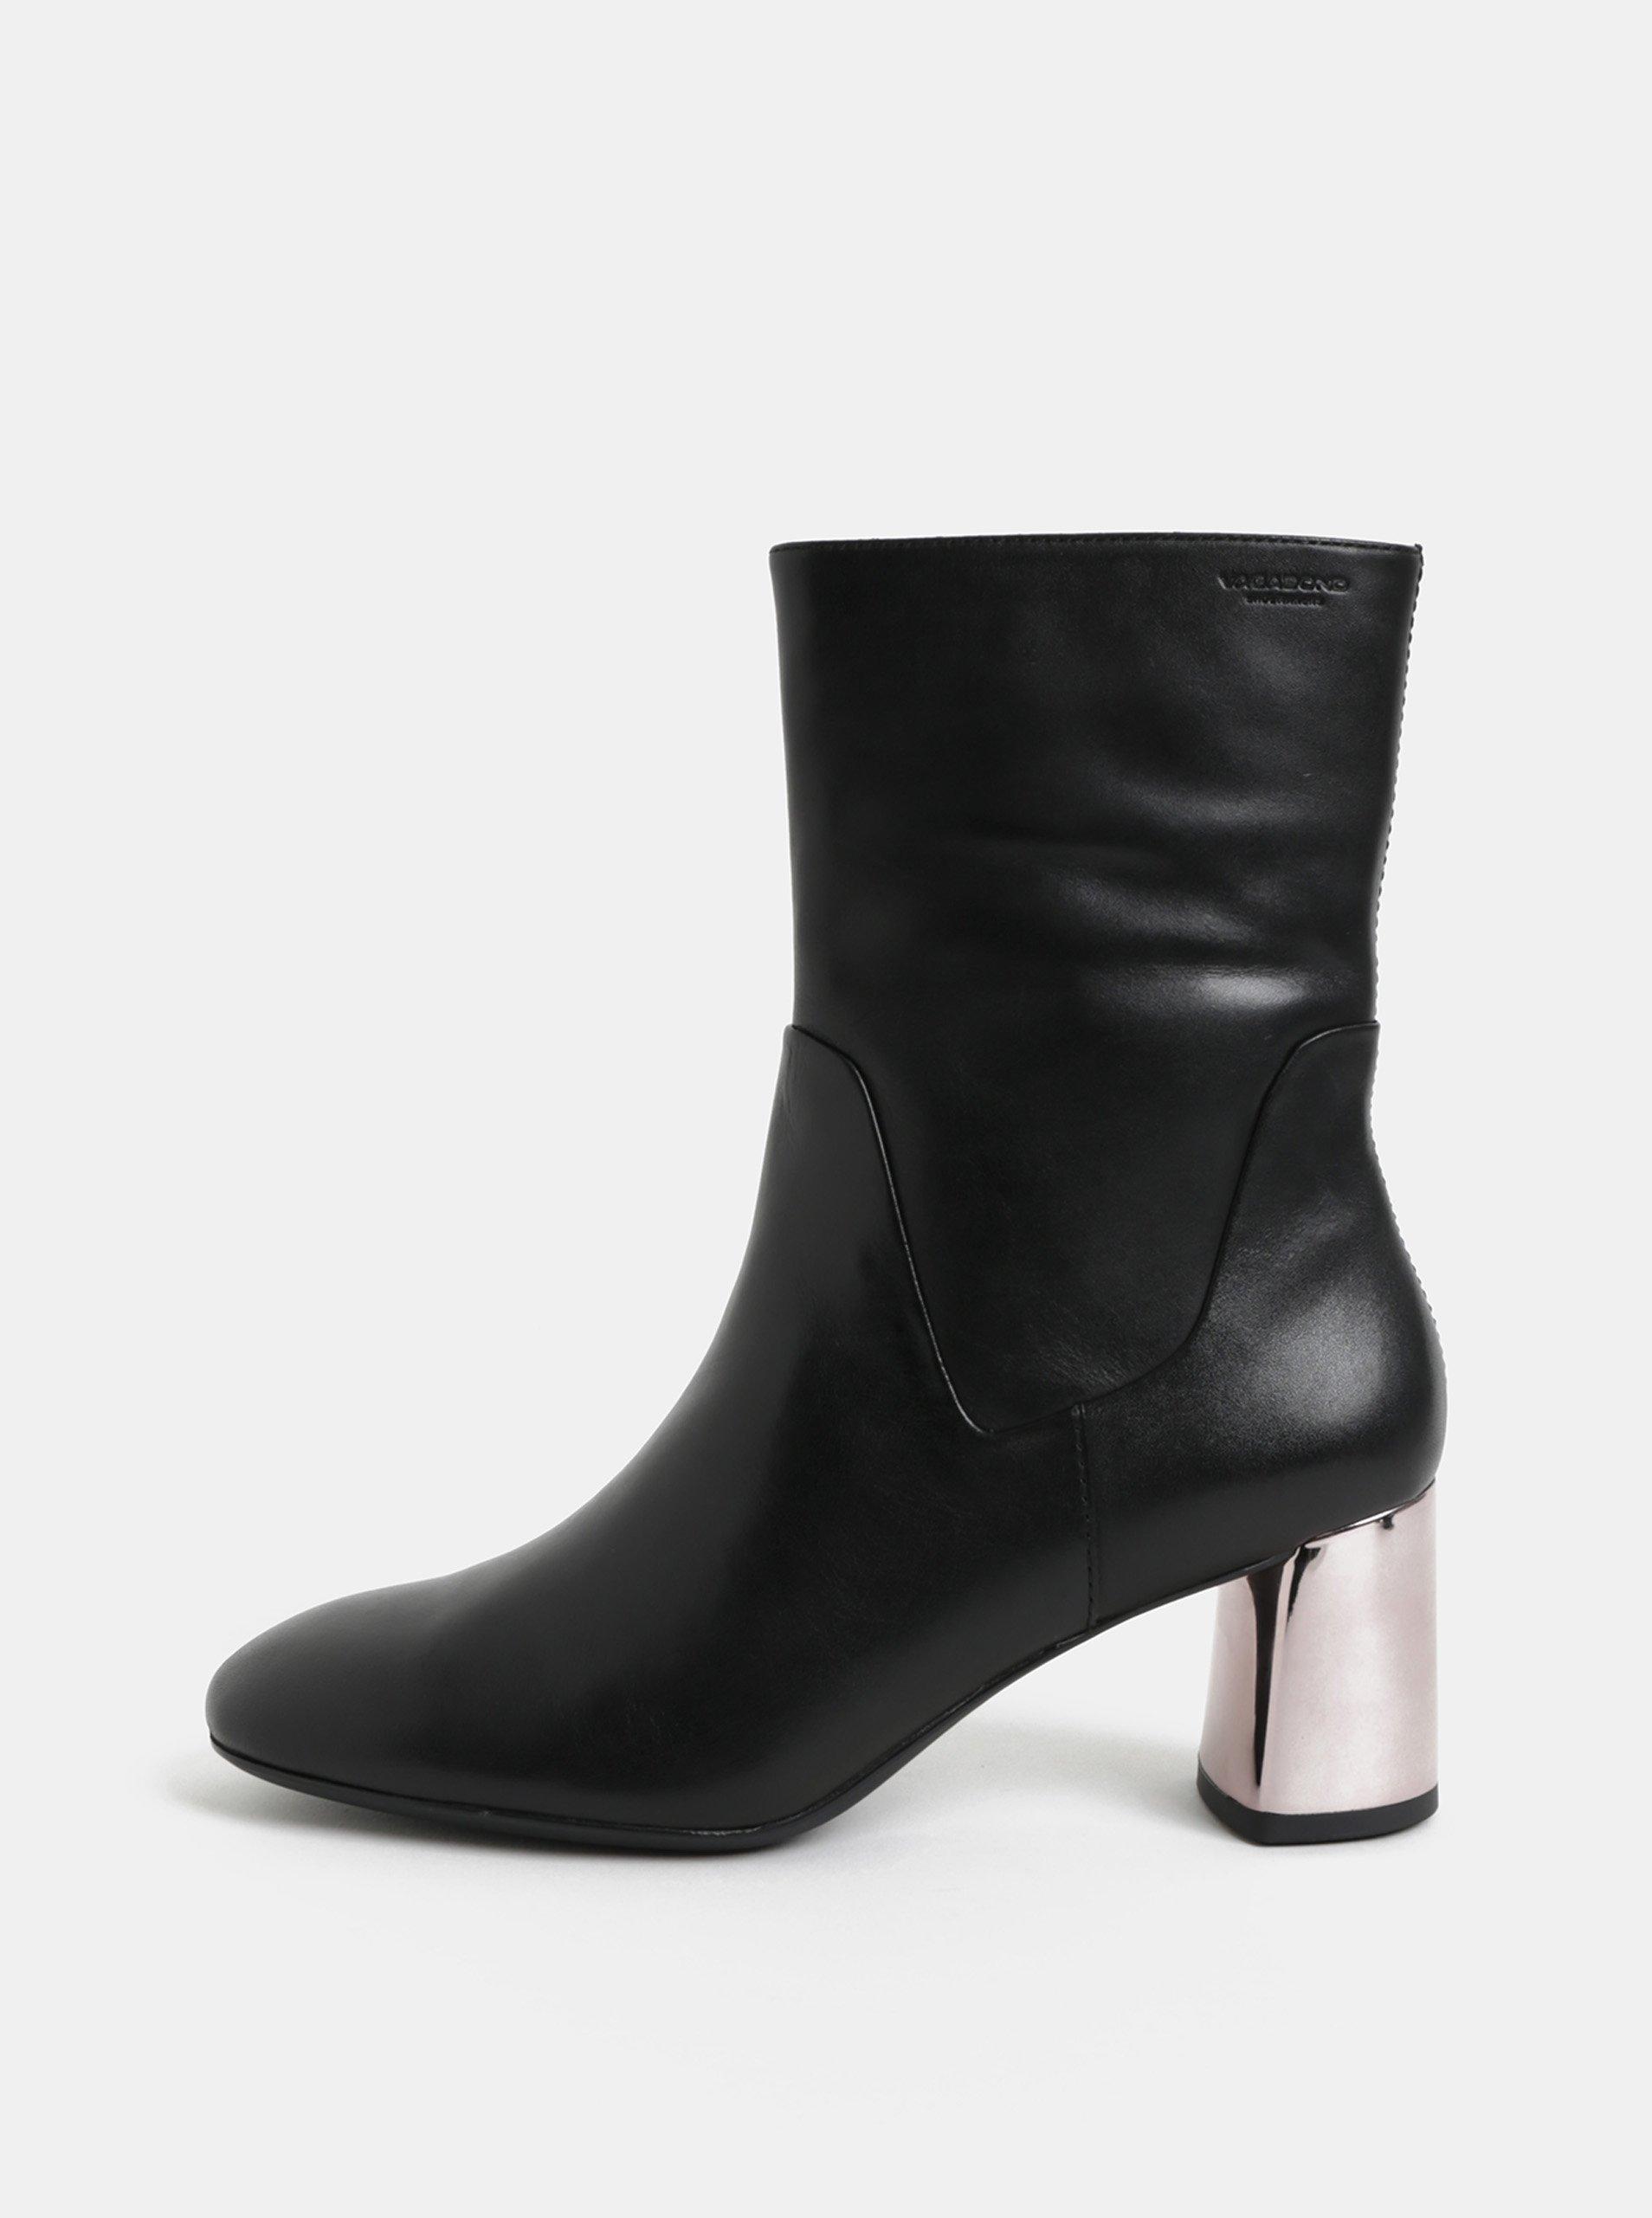 Černé dámské kožené nízké kozačky s metalickým podpatkem Vagabond Jeena